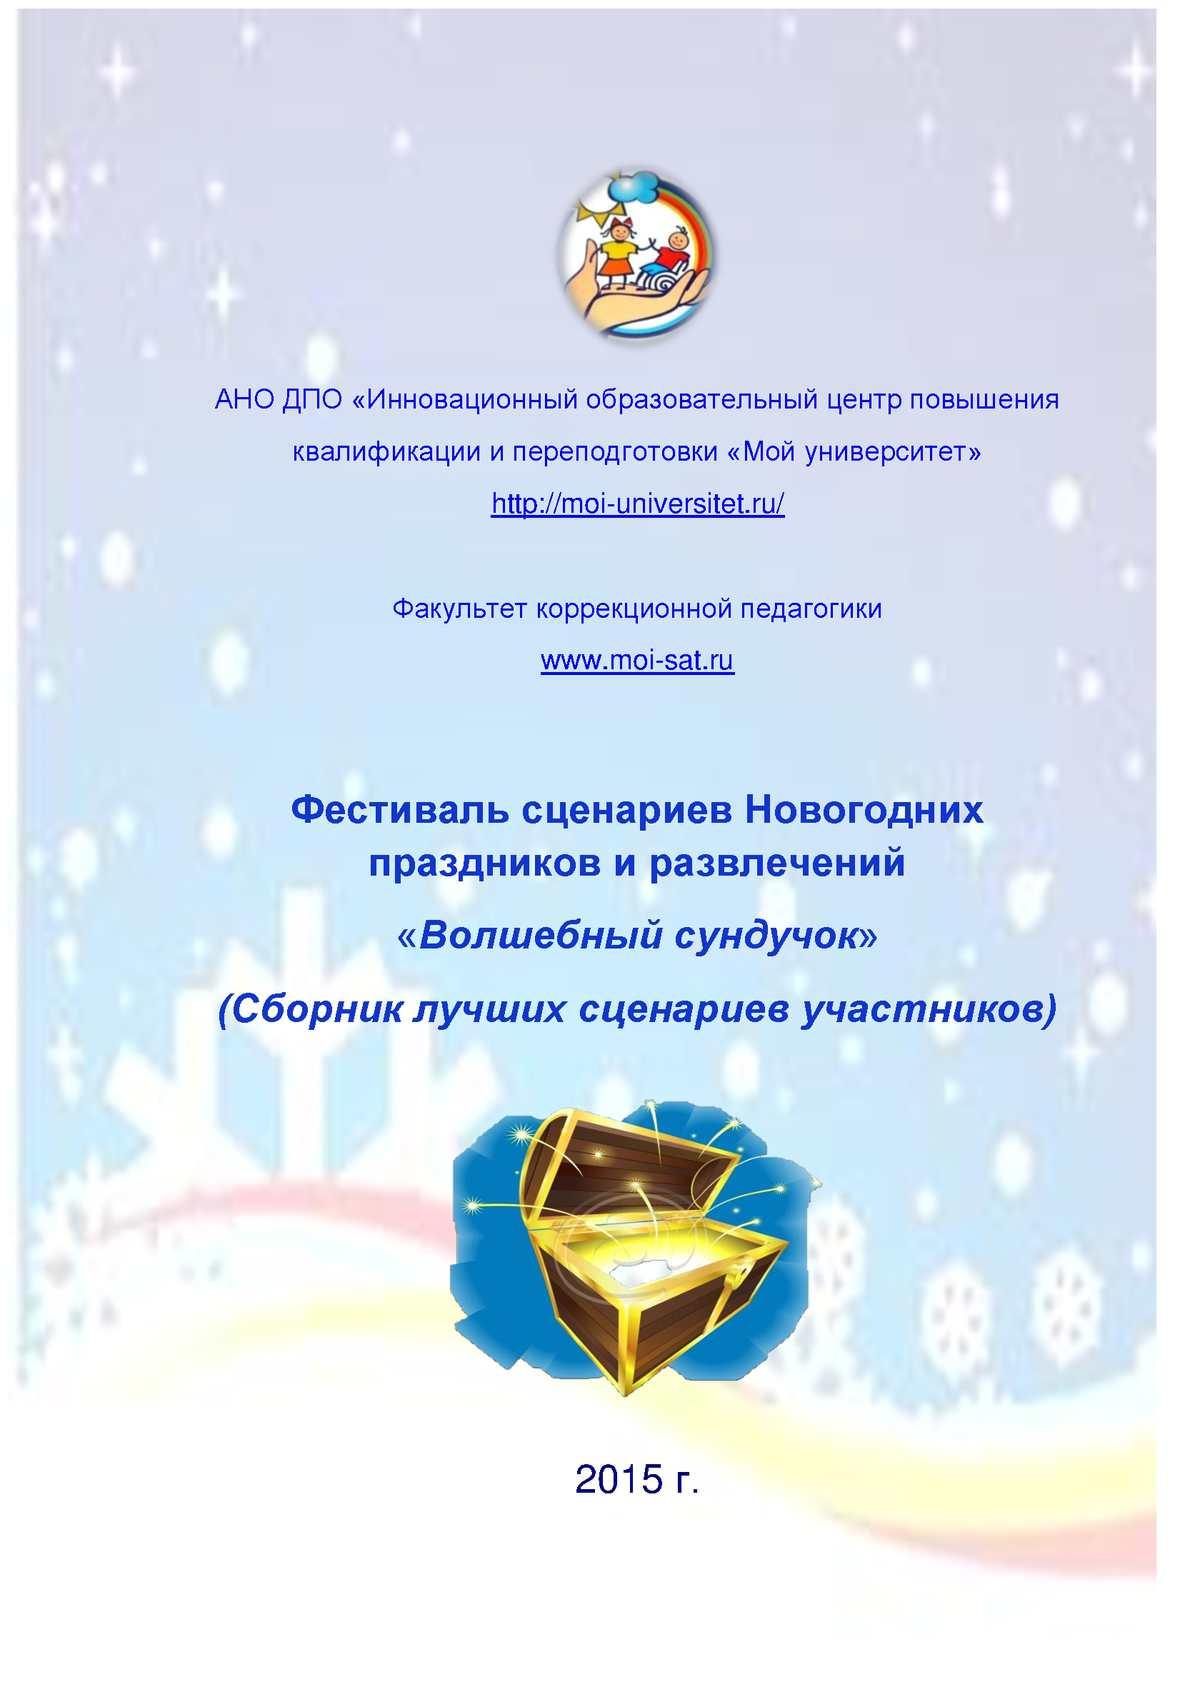 """Сборник Фестиваля Новогодних сценариев """"Волшебный сундучок"""""""